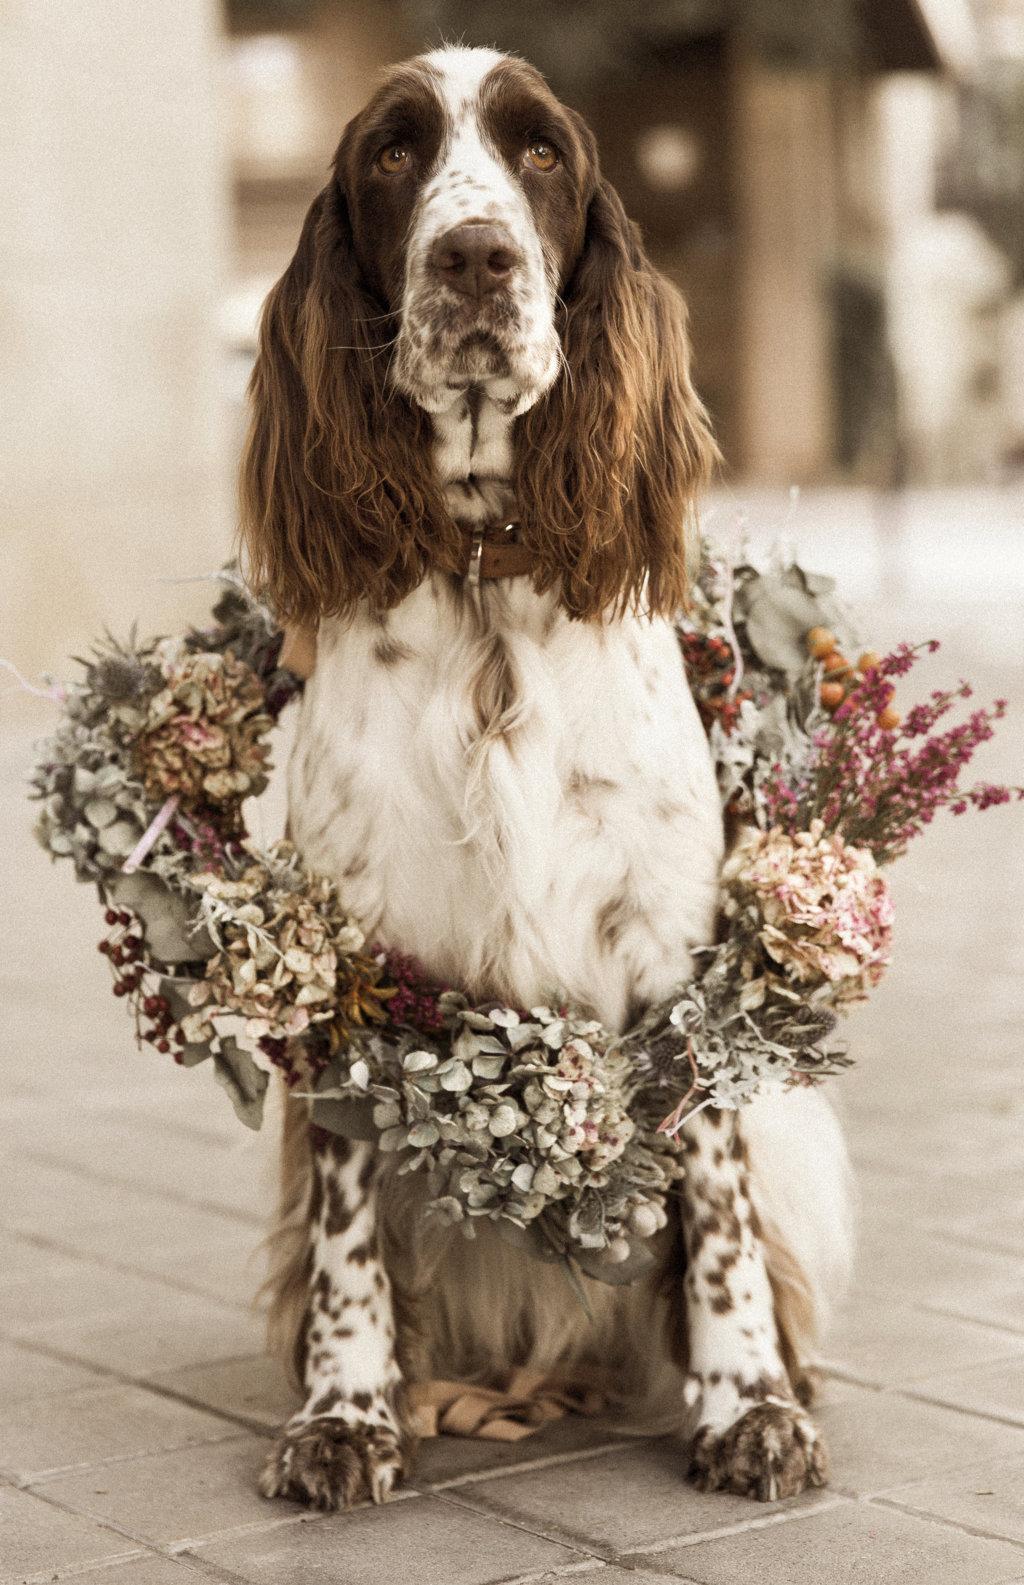 mascota perro boda